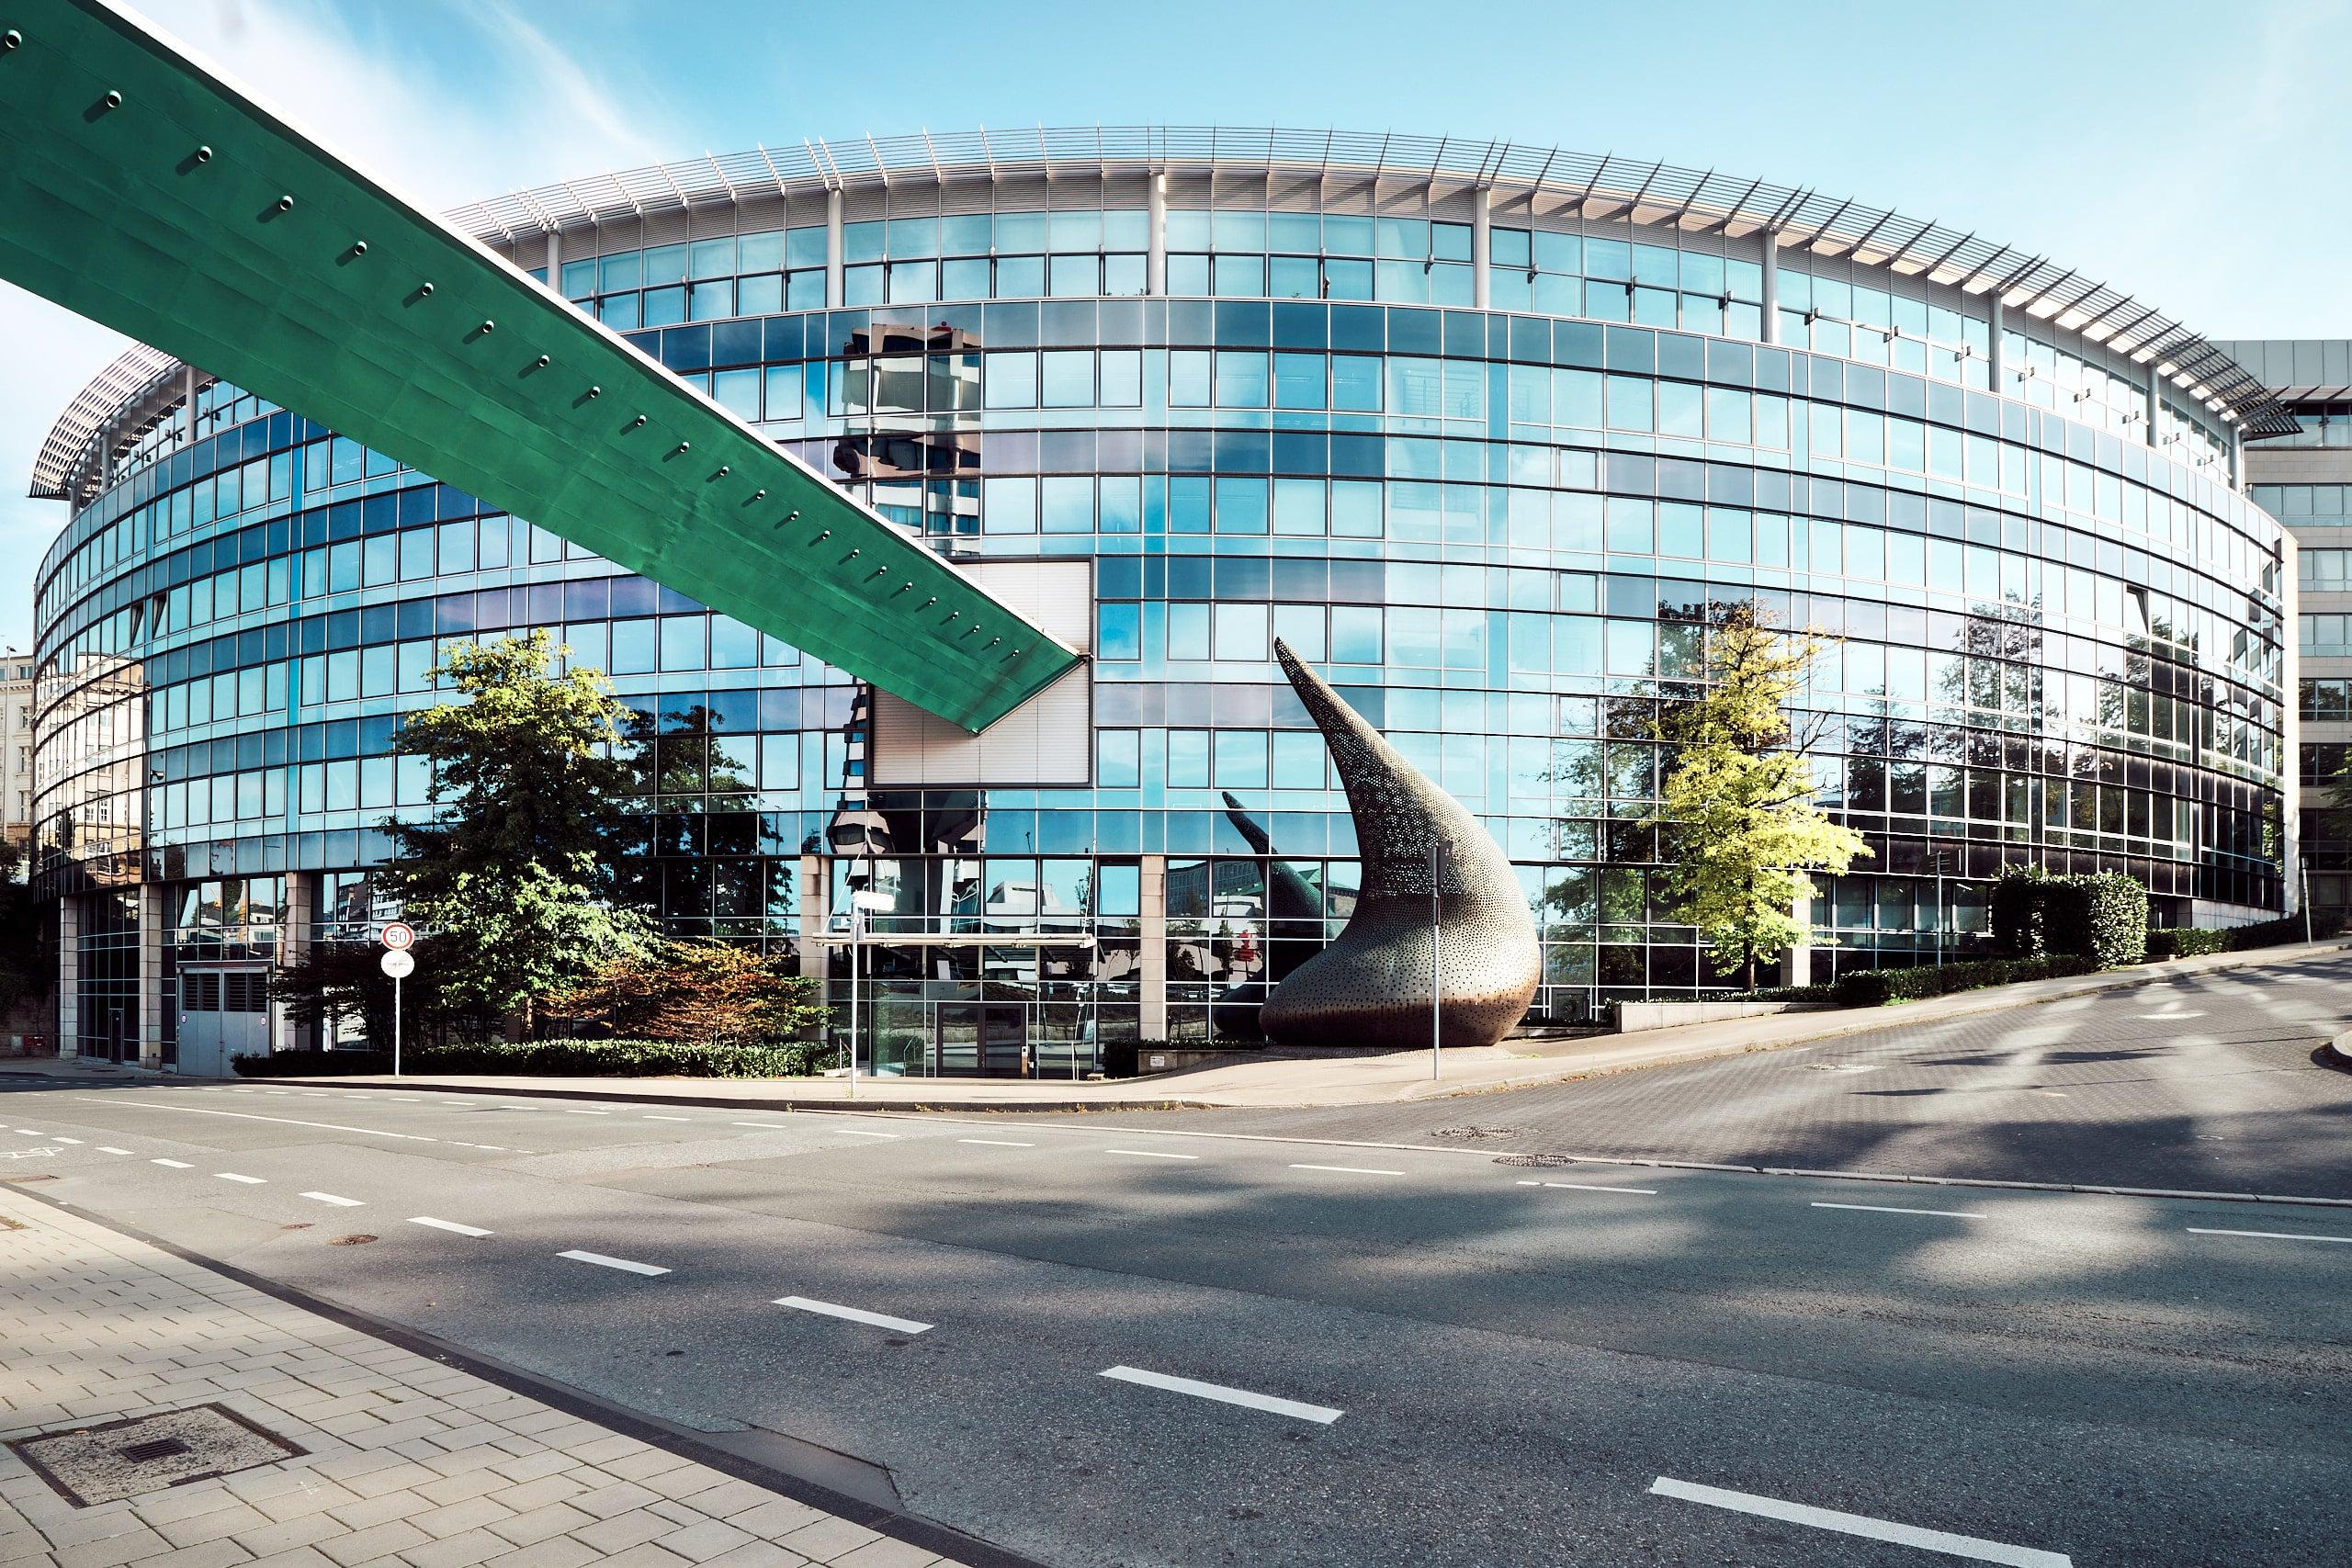 Bewerbungsfoto, Business Fotograf, Produktfotograf, Architekturfotograf, Business-Fotograf | Stadtsparkasse Wuppertal - Casino